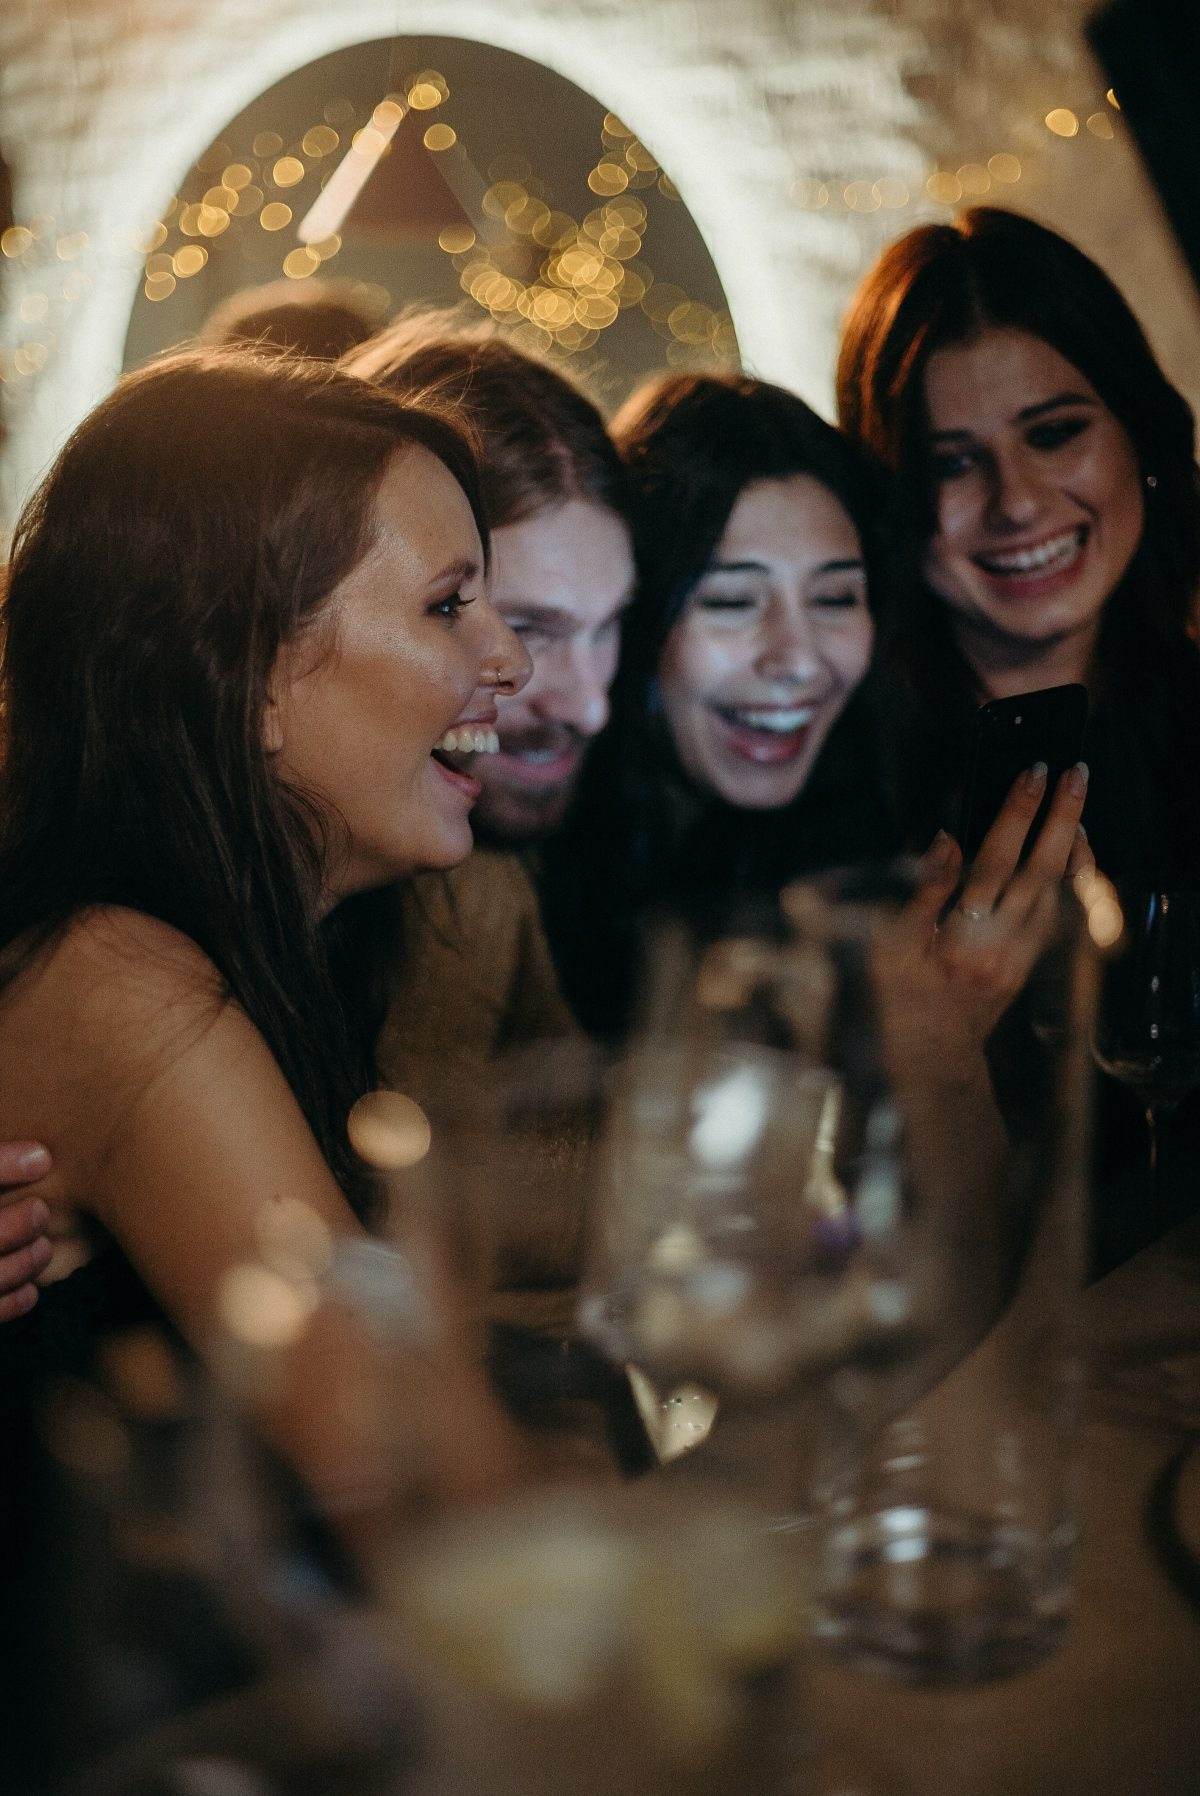 laughing-women-3171816.jpg